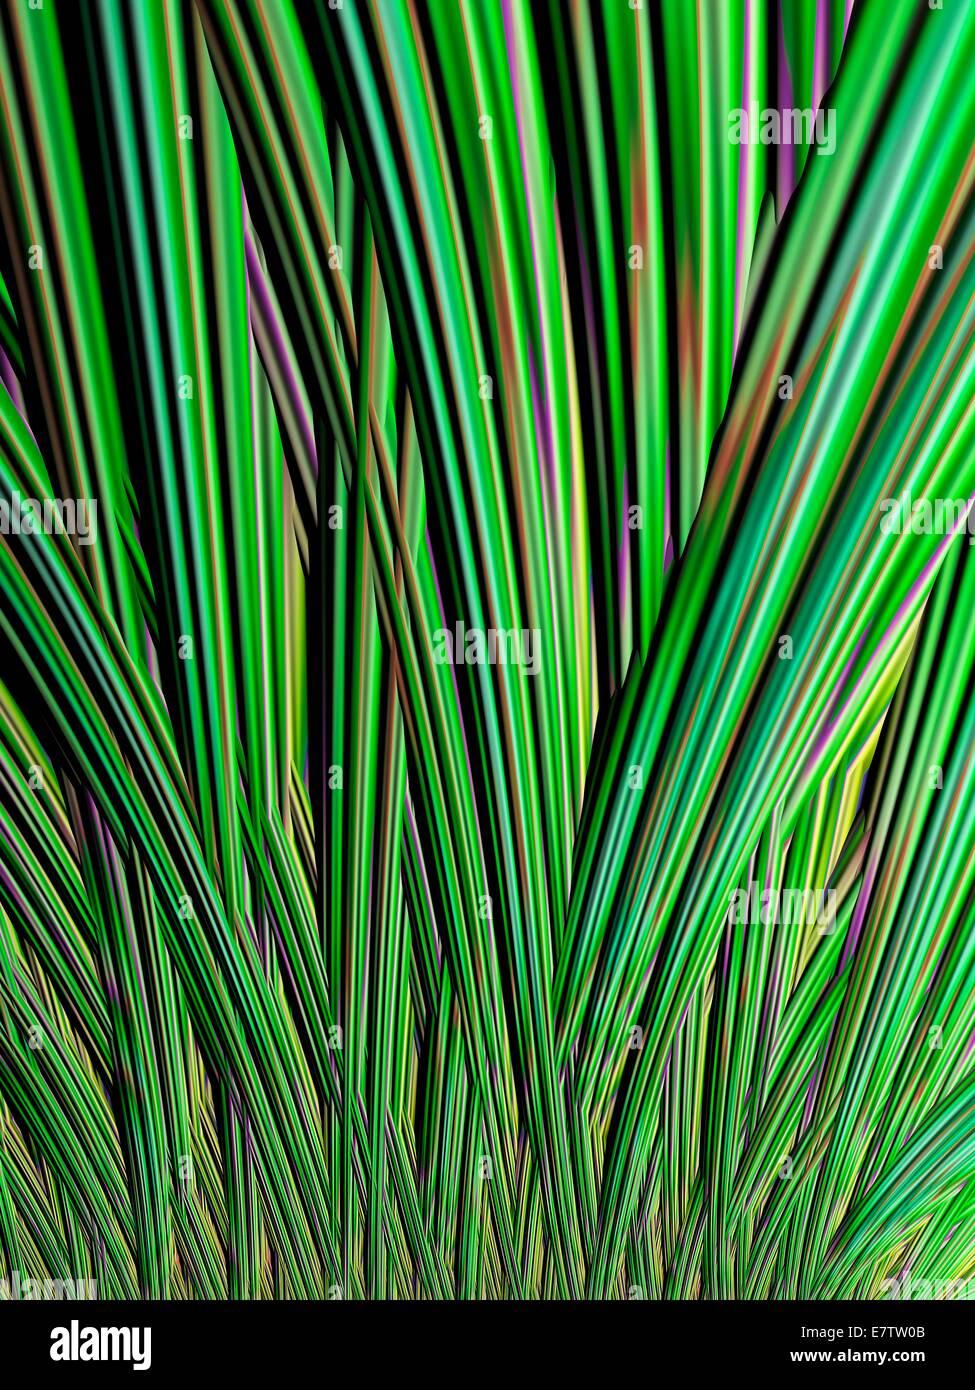 Julia-Fraktal. Computergenerierte Drachen Fraktale abgeleitet aus der Julia-Set. Fraktale sind Muster, die durch Stockbild